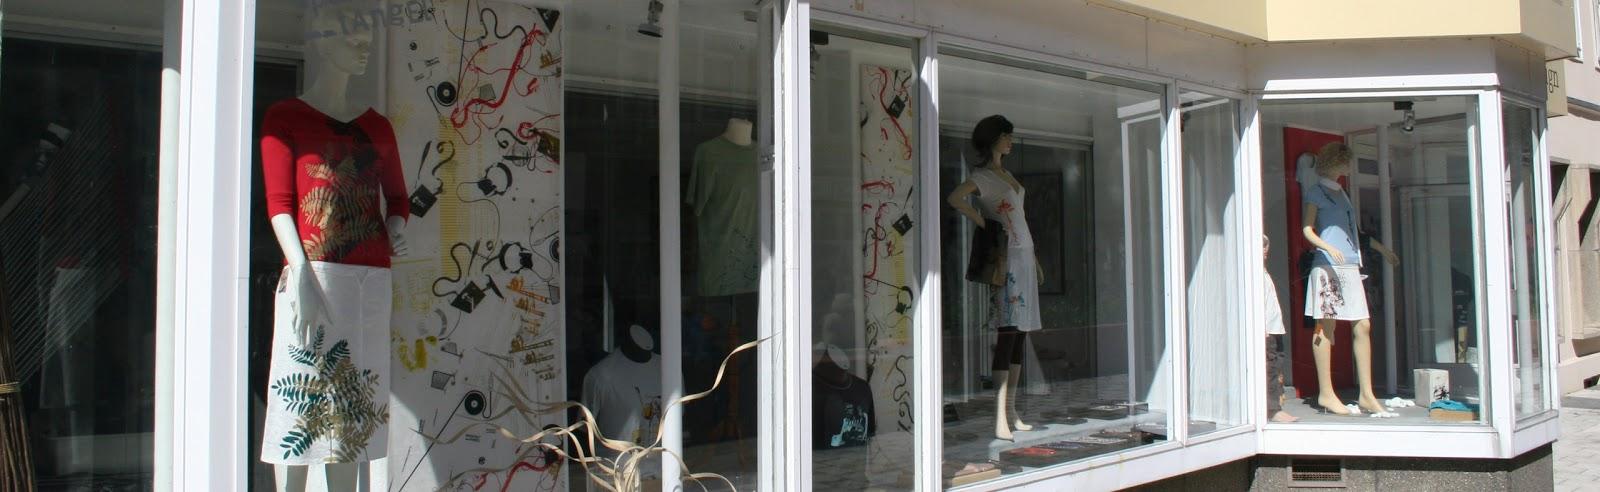 Geschäft mit Werkstatt auf dem Brühl in Chemnitz